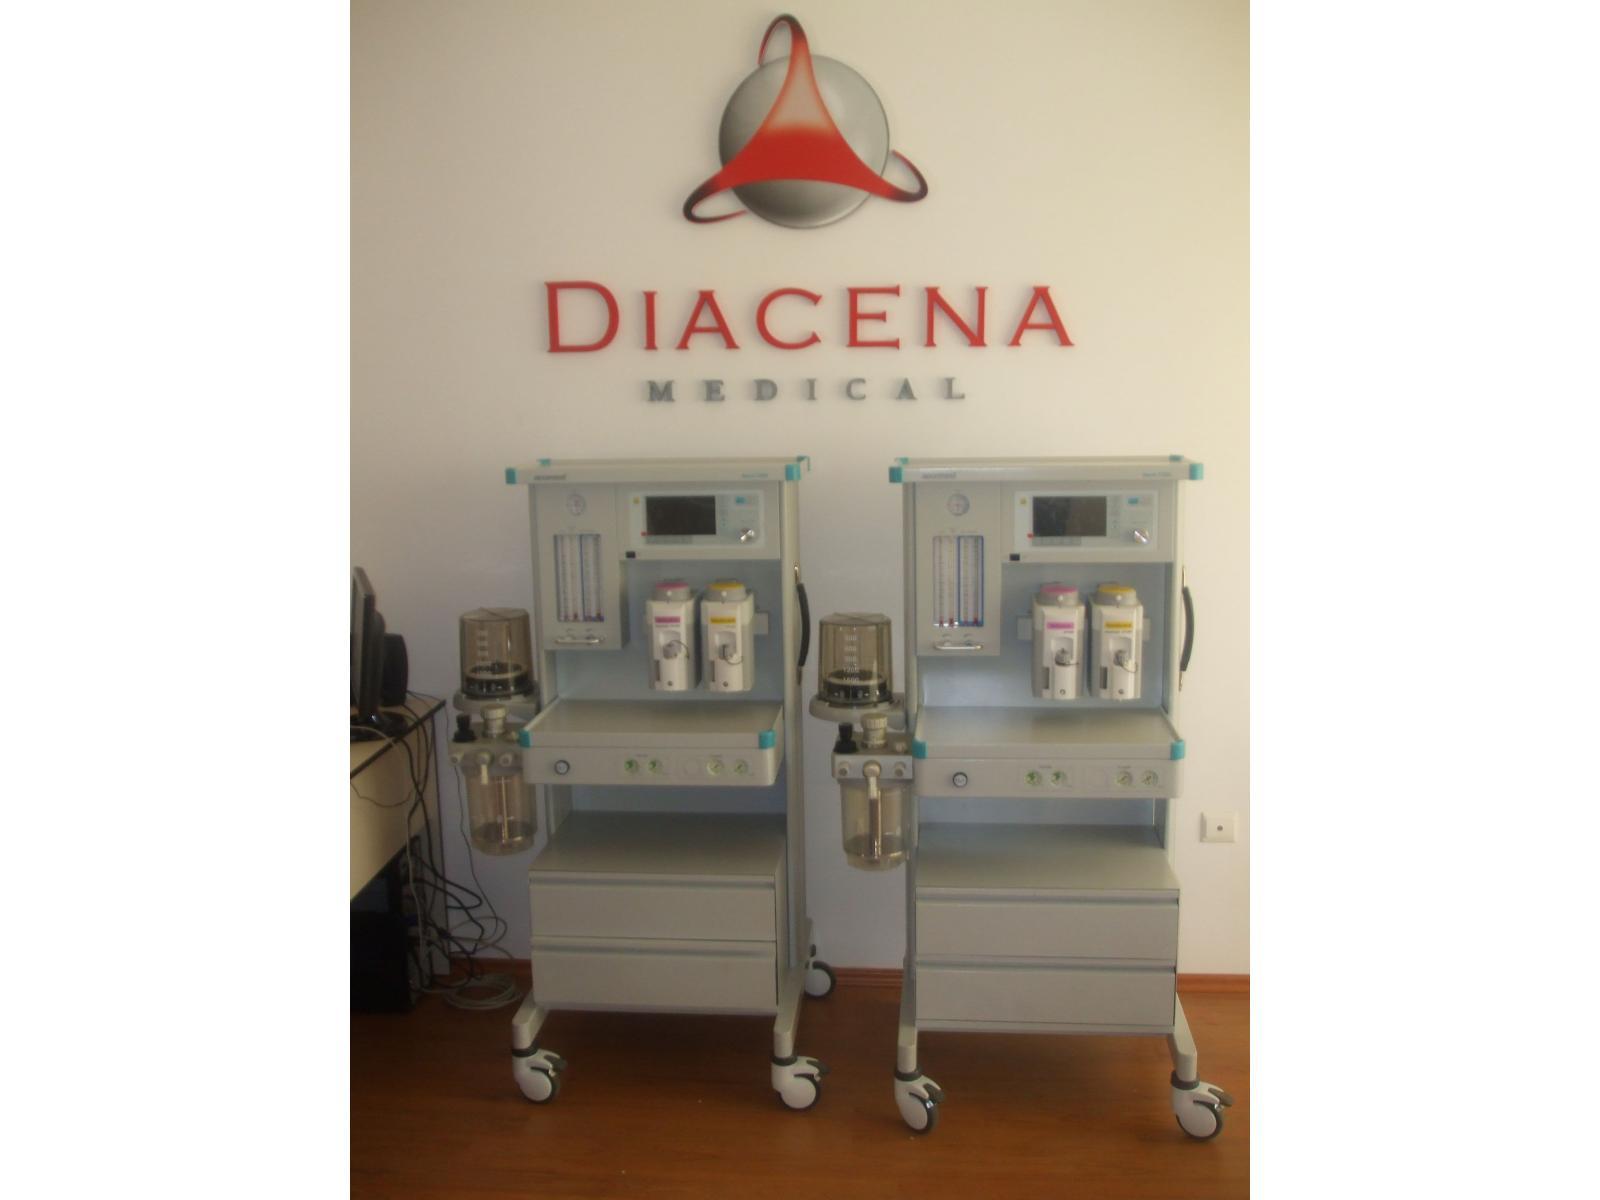 Diacena Medical - DSCF8607.JPG